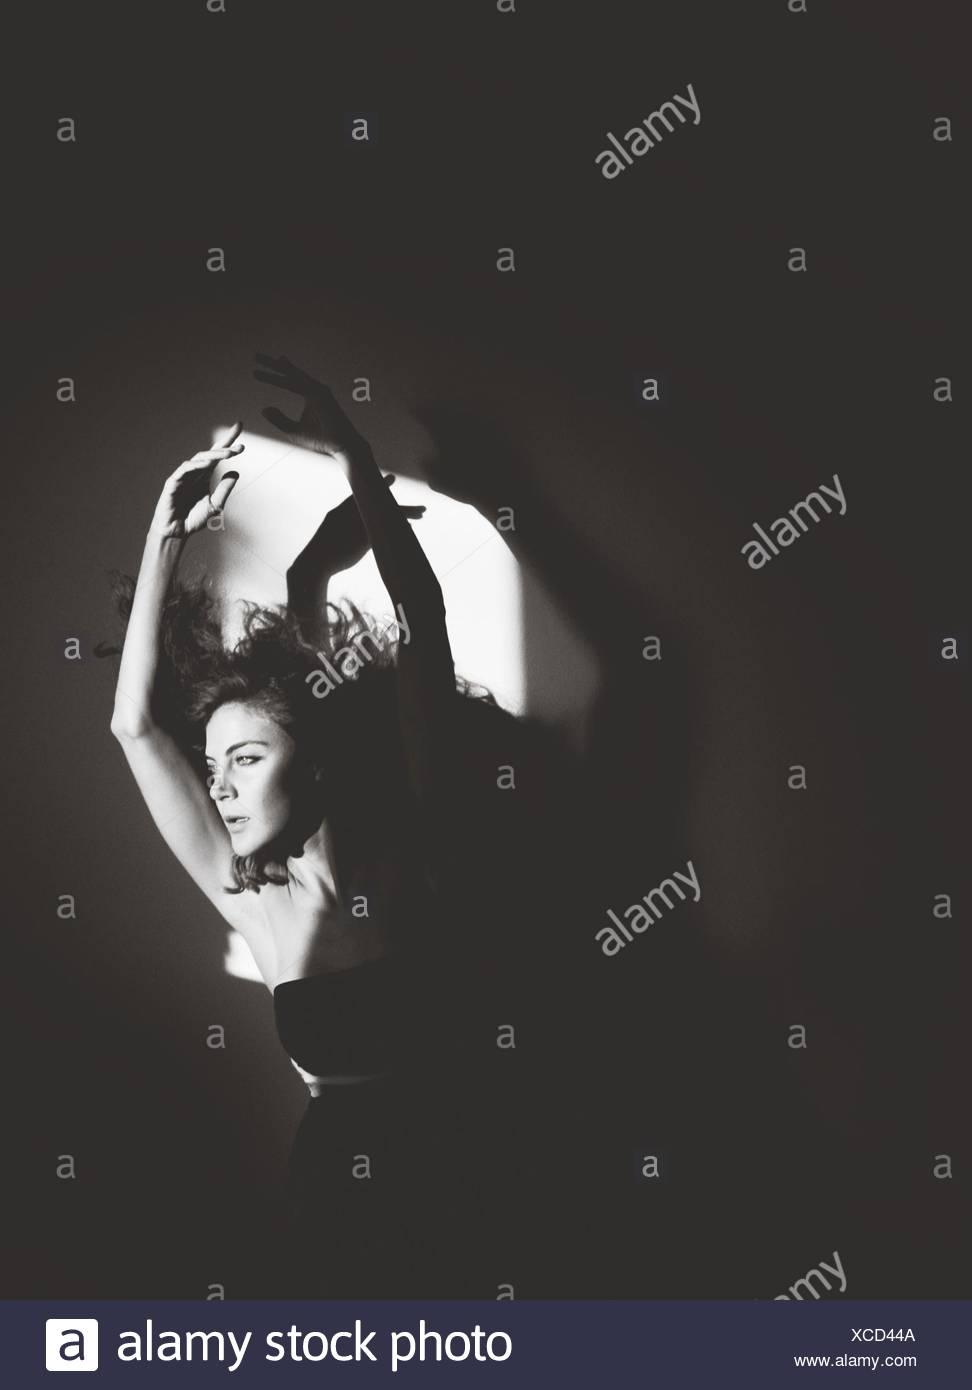 Retrato de mujer joven con los brazos levantados Imagen De Stock